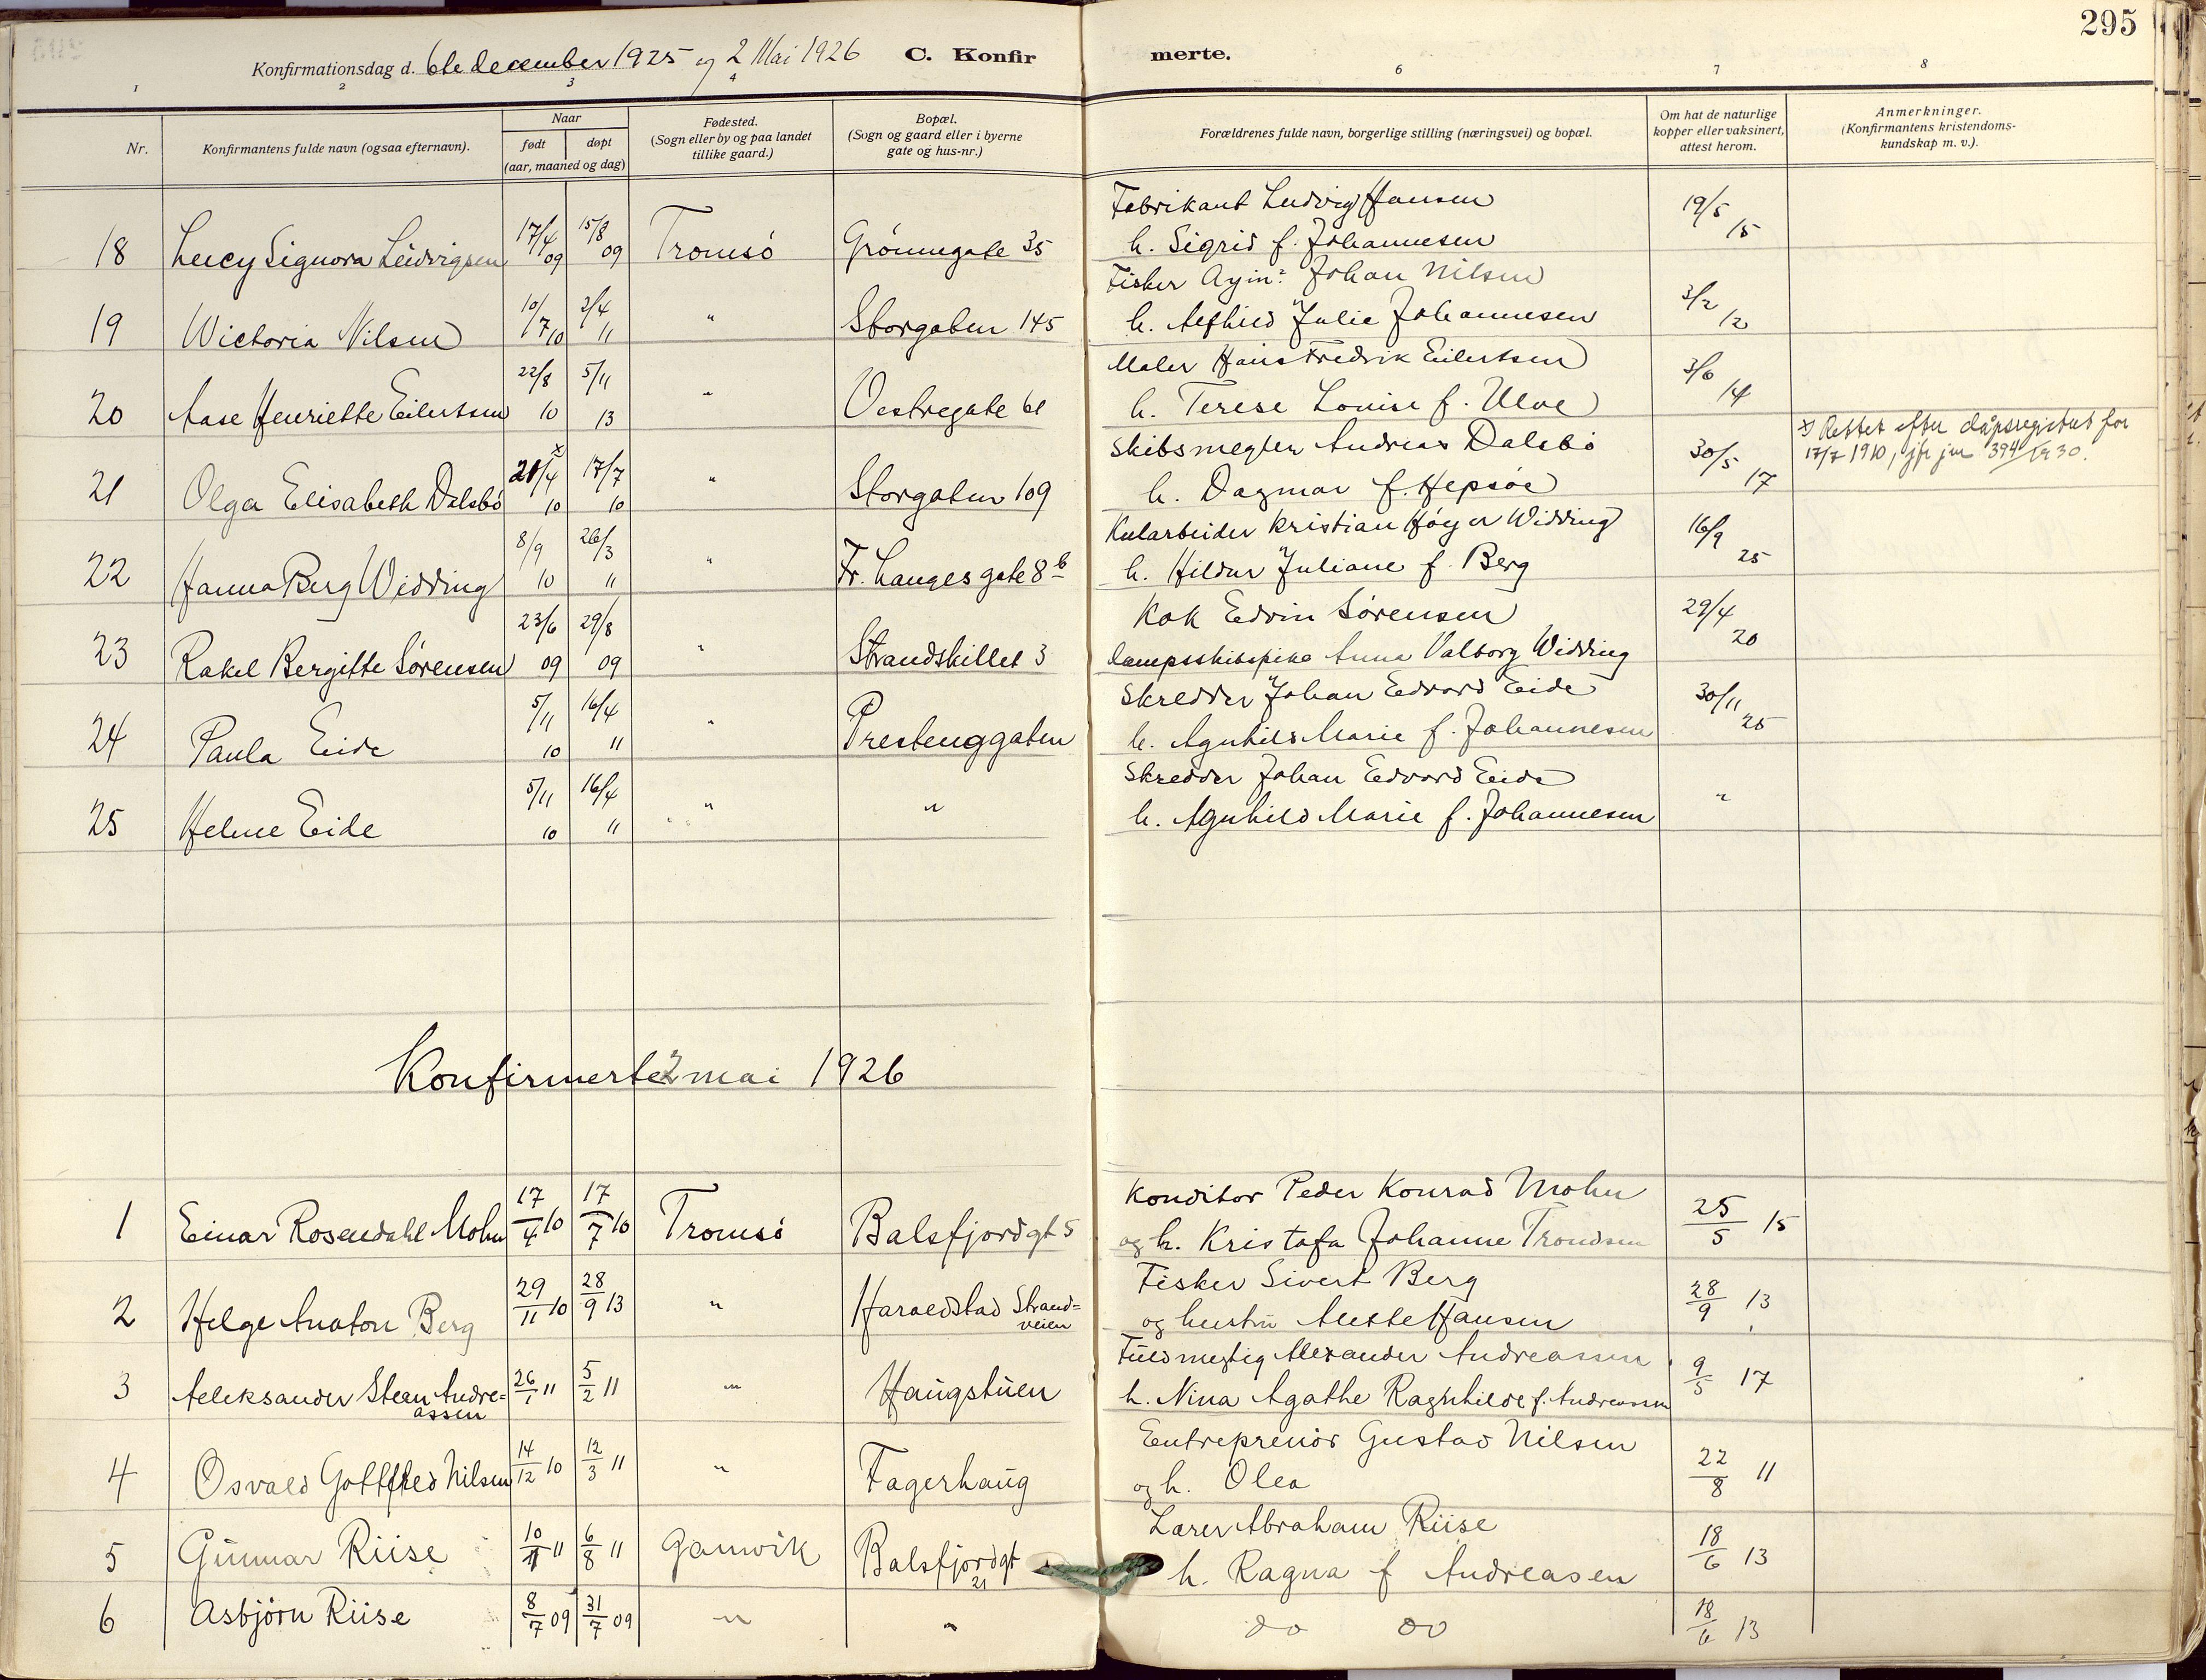 SATØ, Tromsø sokneprestkontor/stiftsprosti/domprosti, G/Ga/L0019kirke: Ministerialbok nr. 19, 1917-1927, s. 295